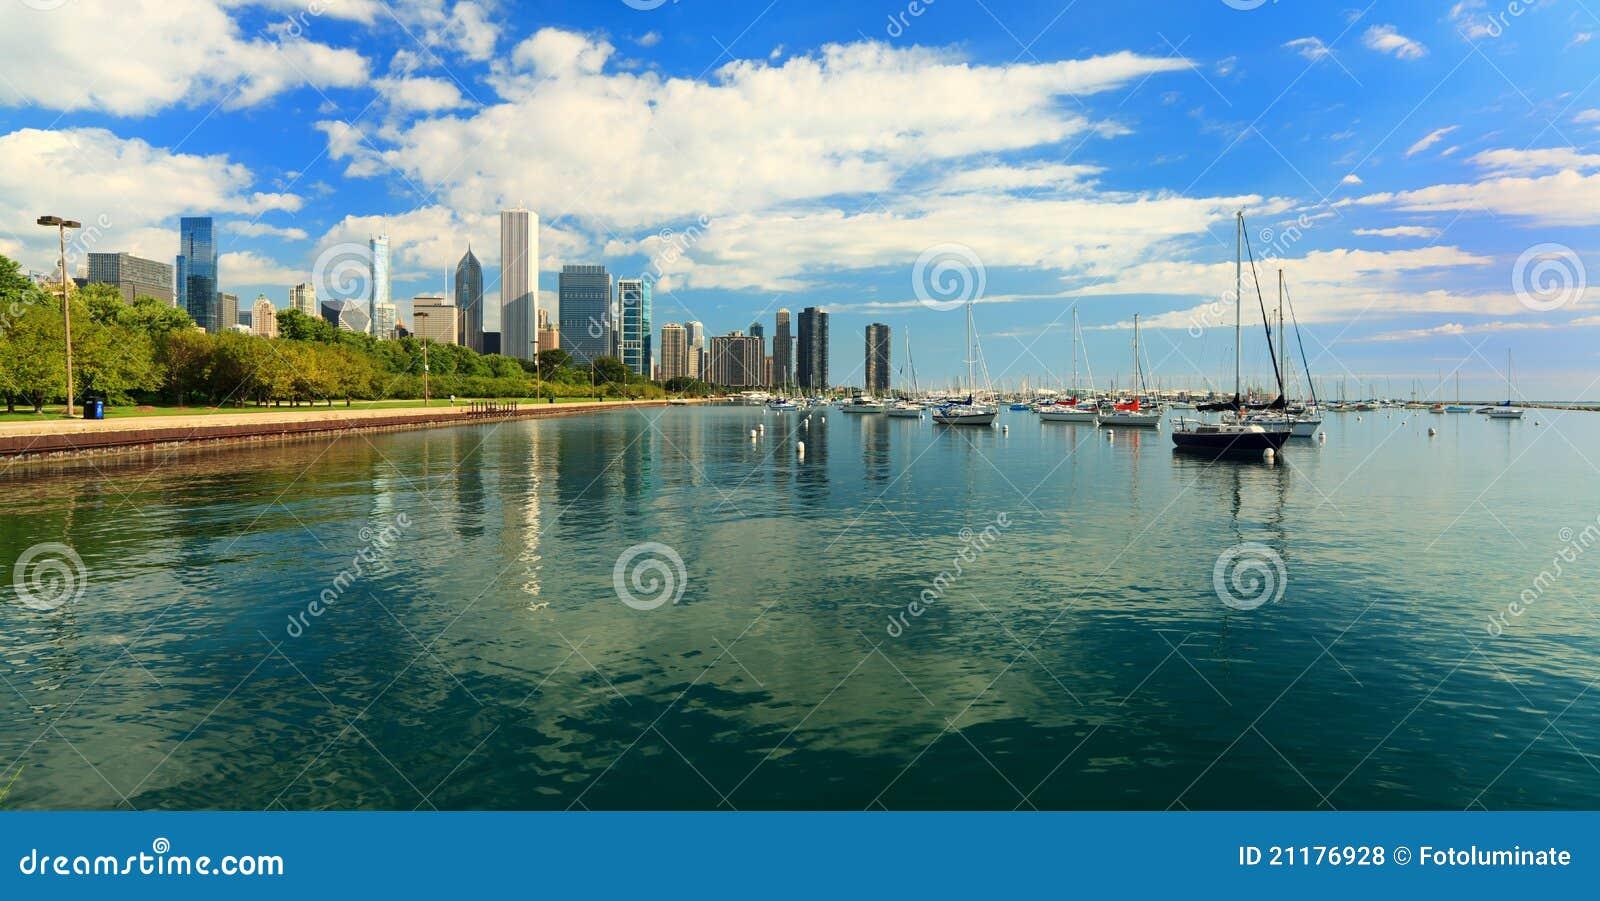 Lakeshore Spur im Stadtzentrum gelegenes Chicago